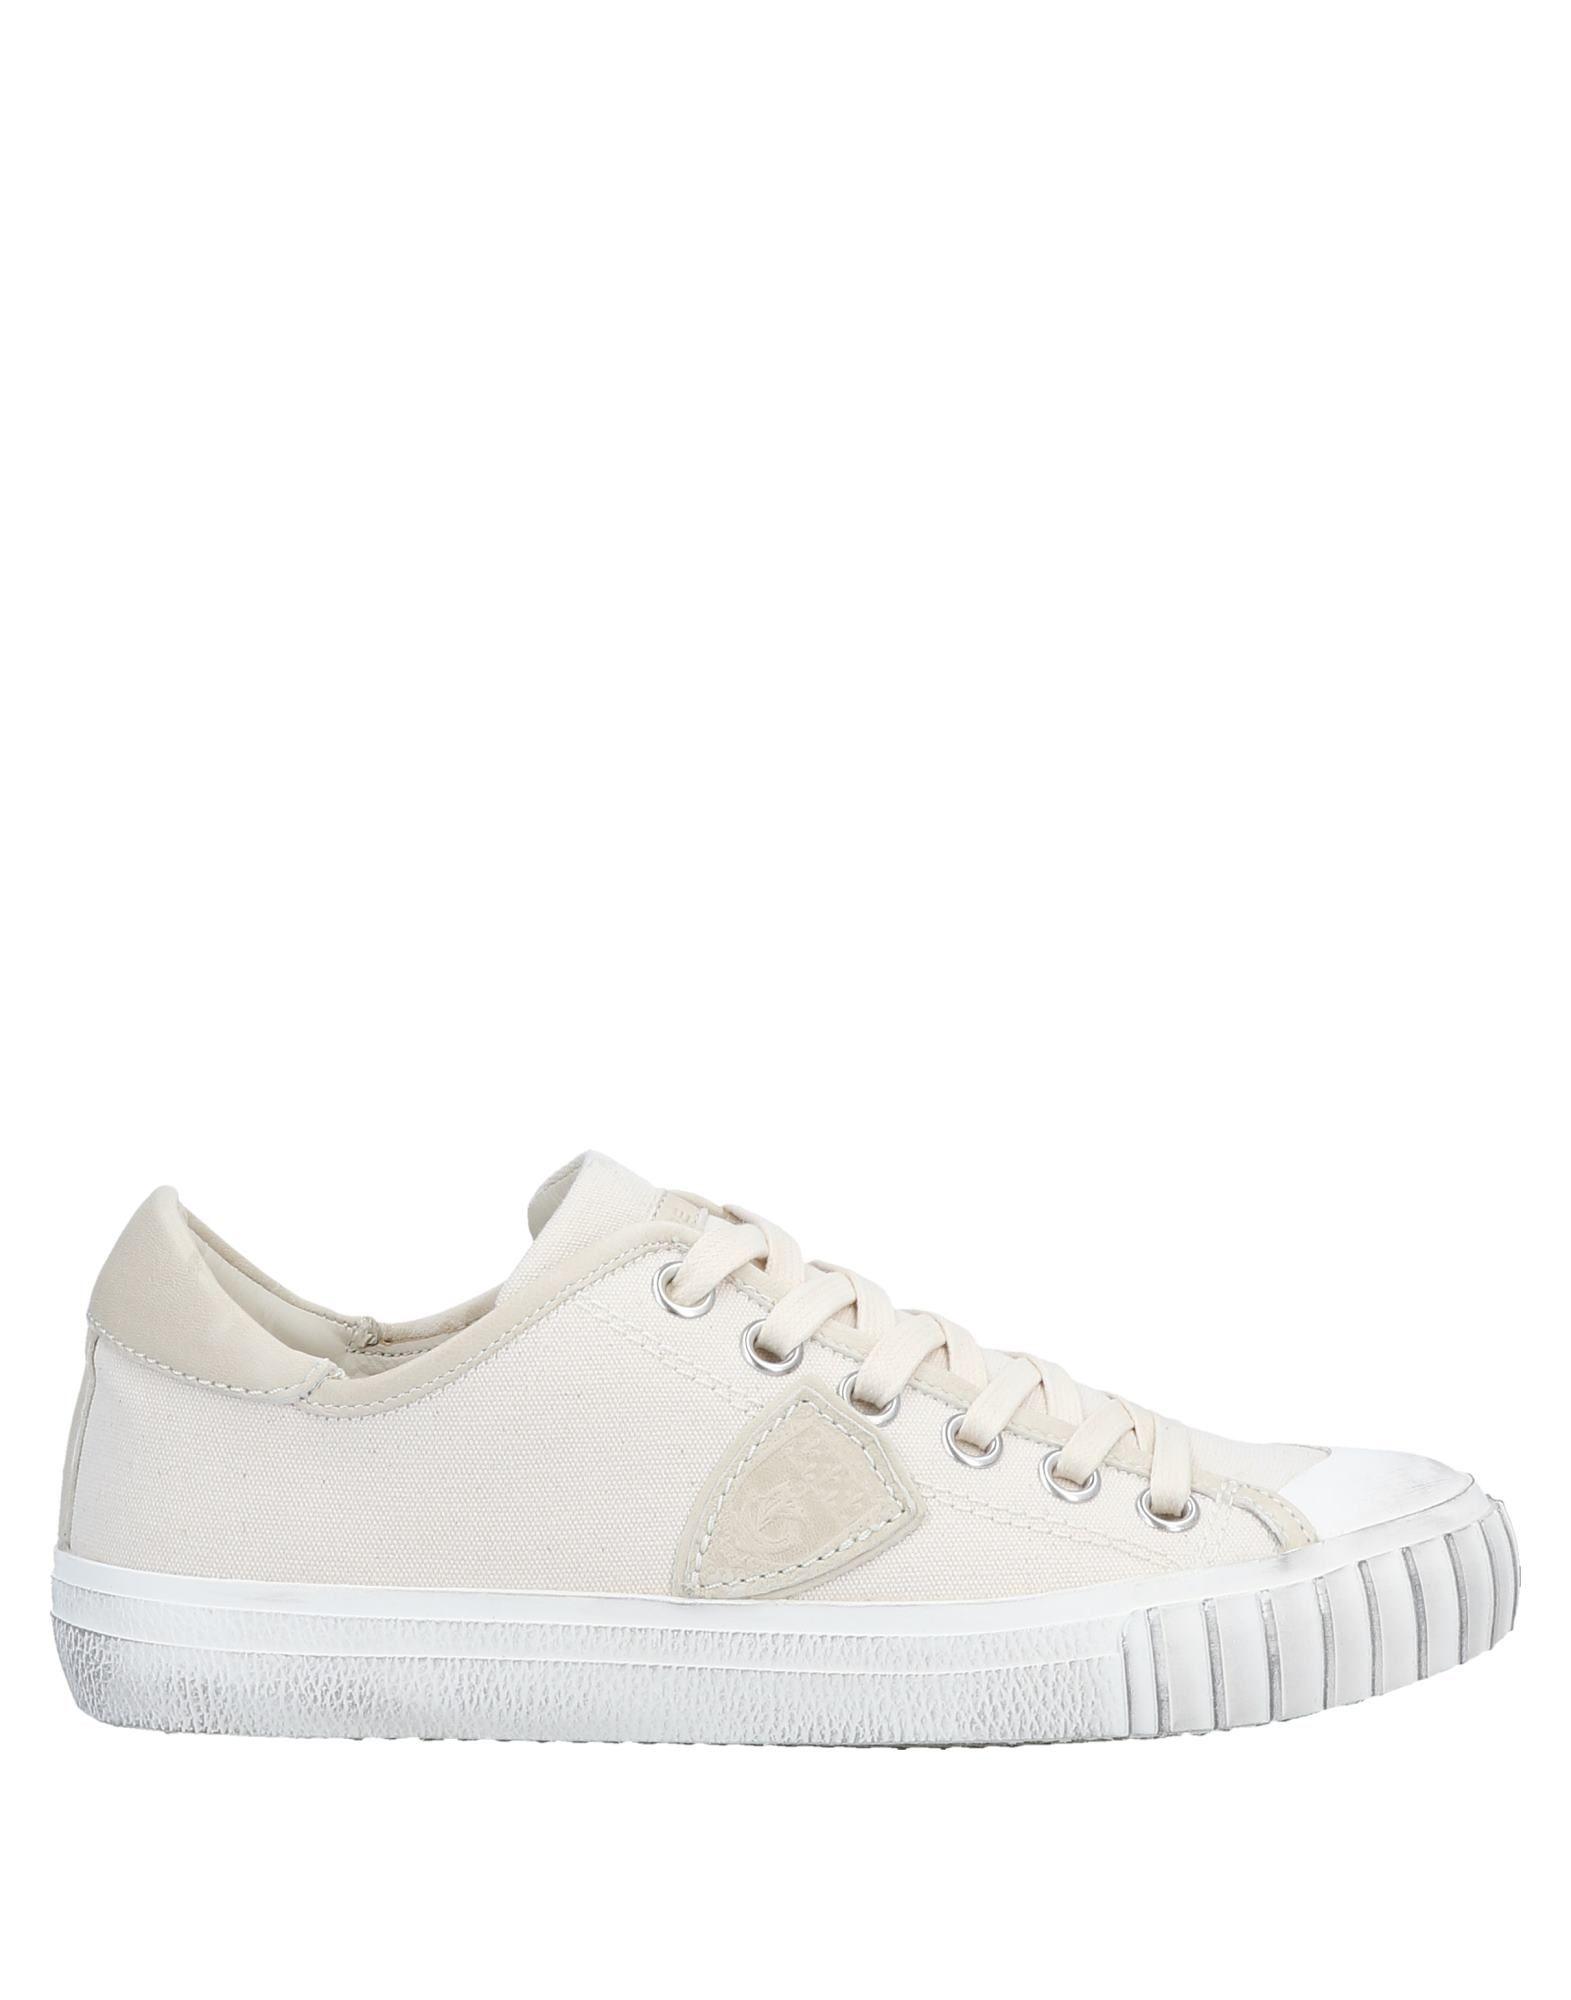 Philippe Model Sneakers - Women on Philippe Model Sneakers online on Women  Canada - 11565622KC 5b622f